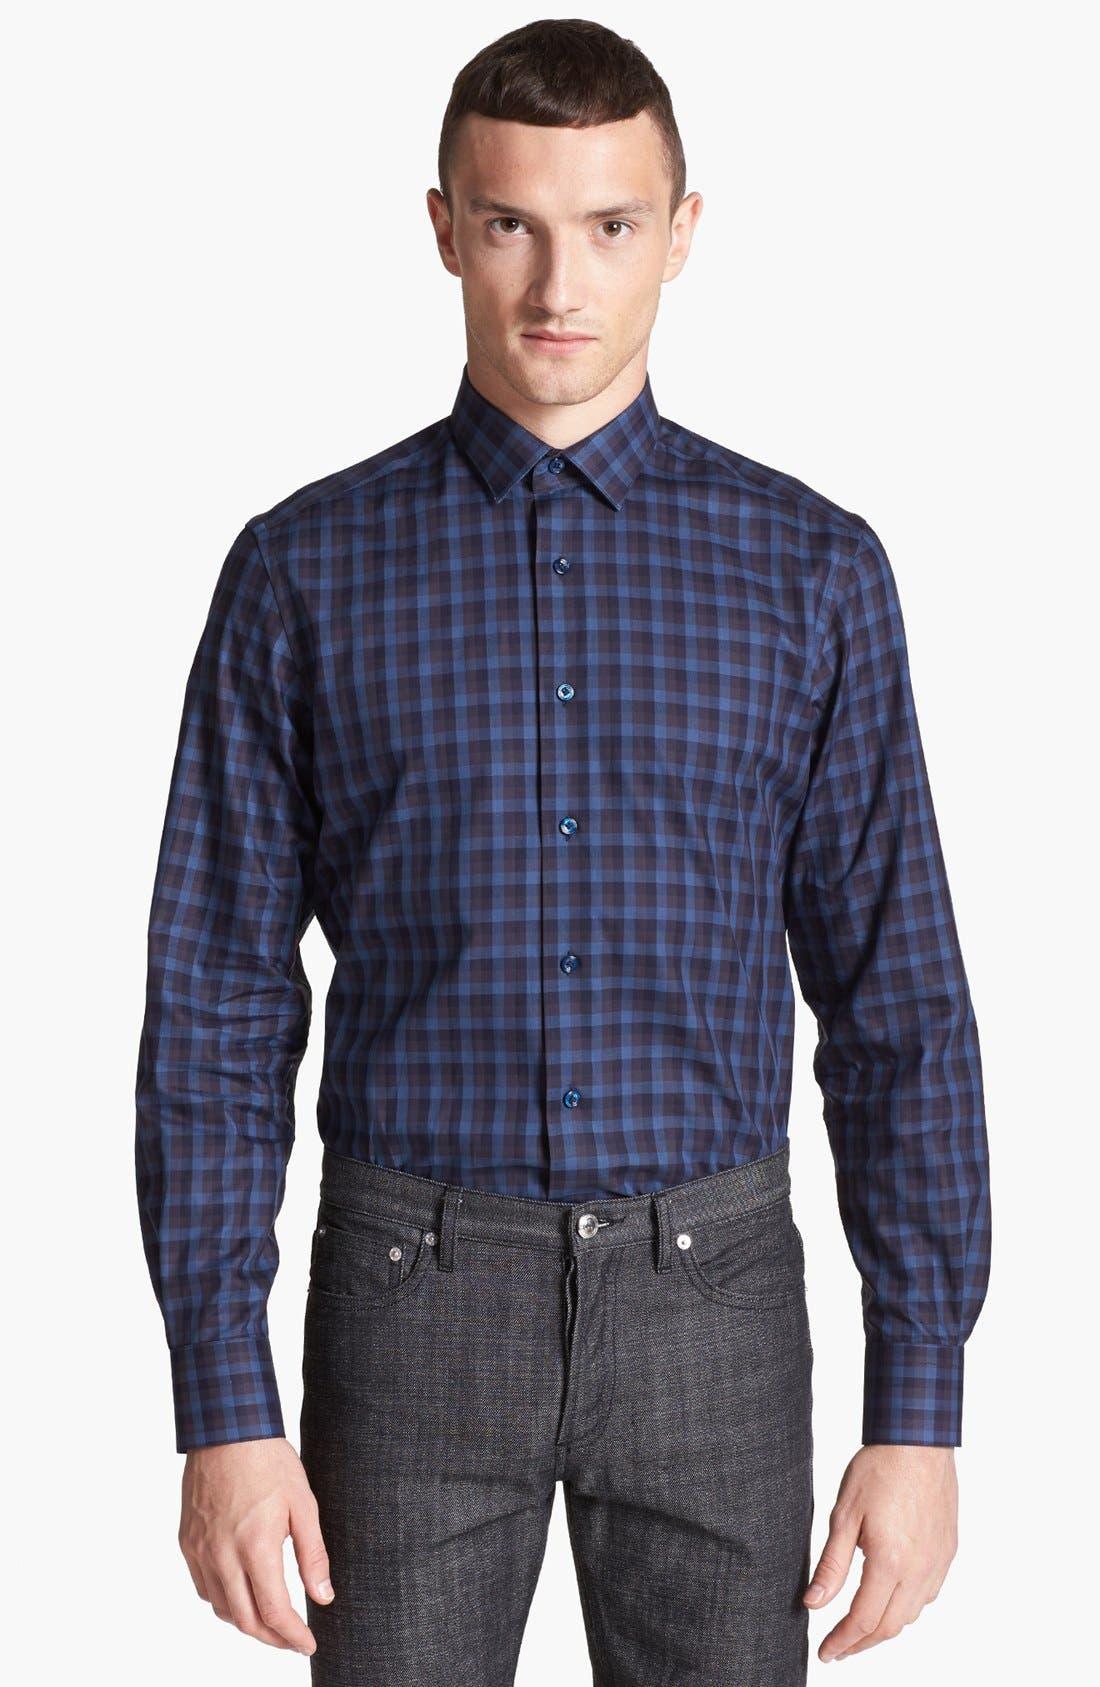 Main Image - Lanvin Check Dress Shirt